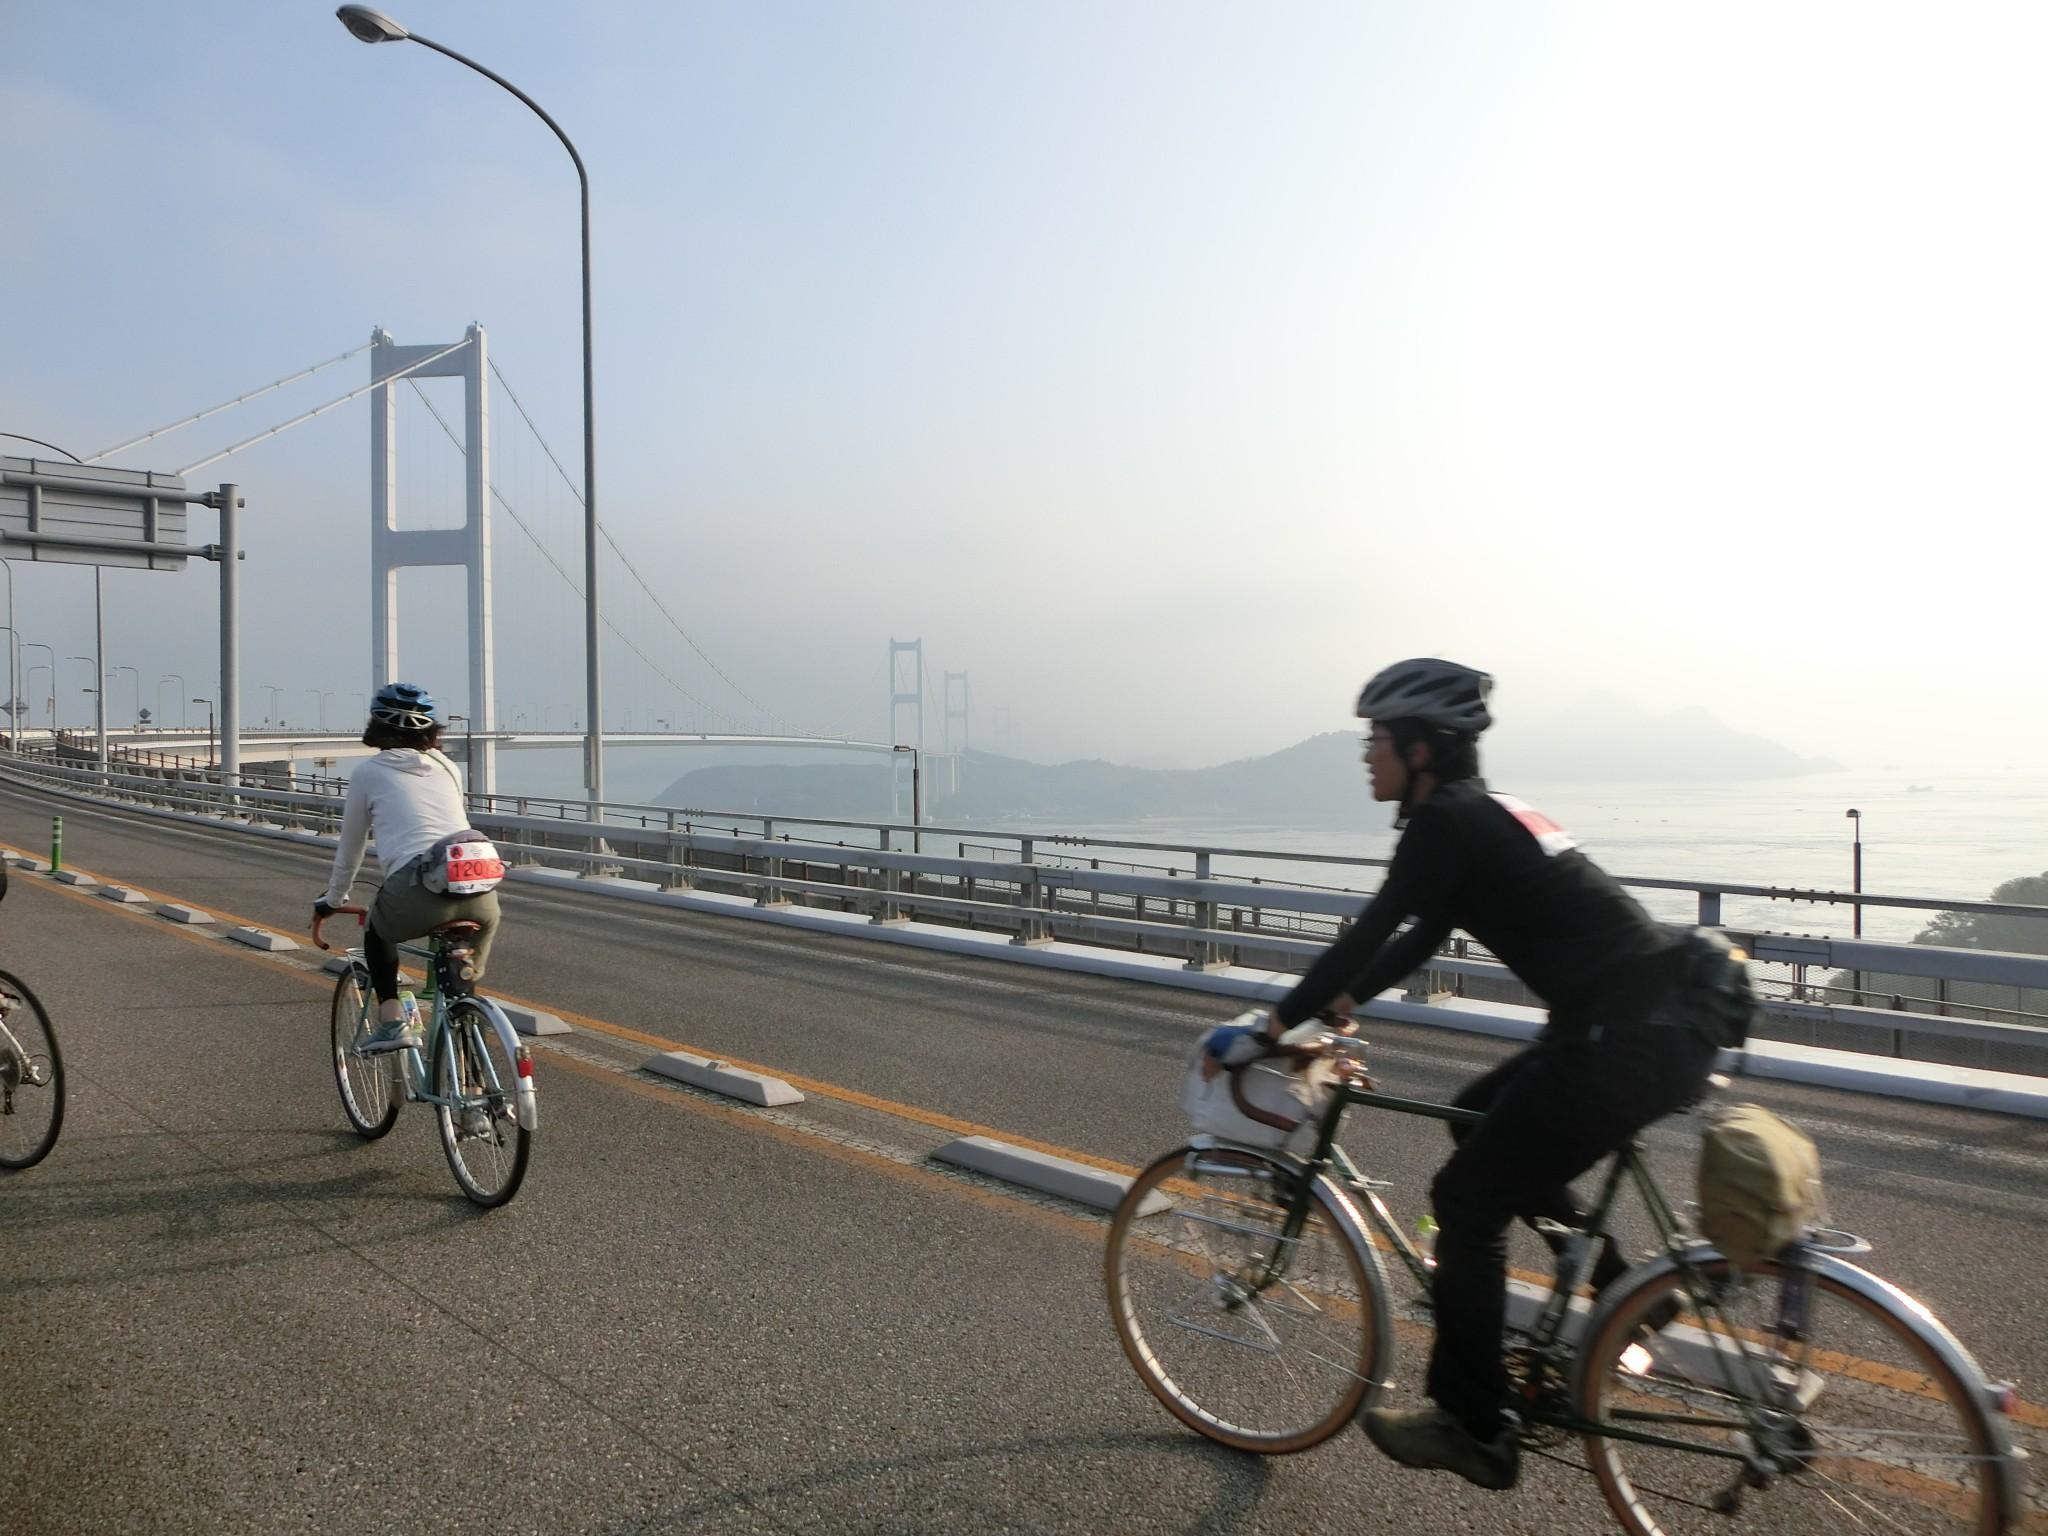 騎行在快速道路的體驗,只有在活動舉辦封路時才可能實現啊~